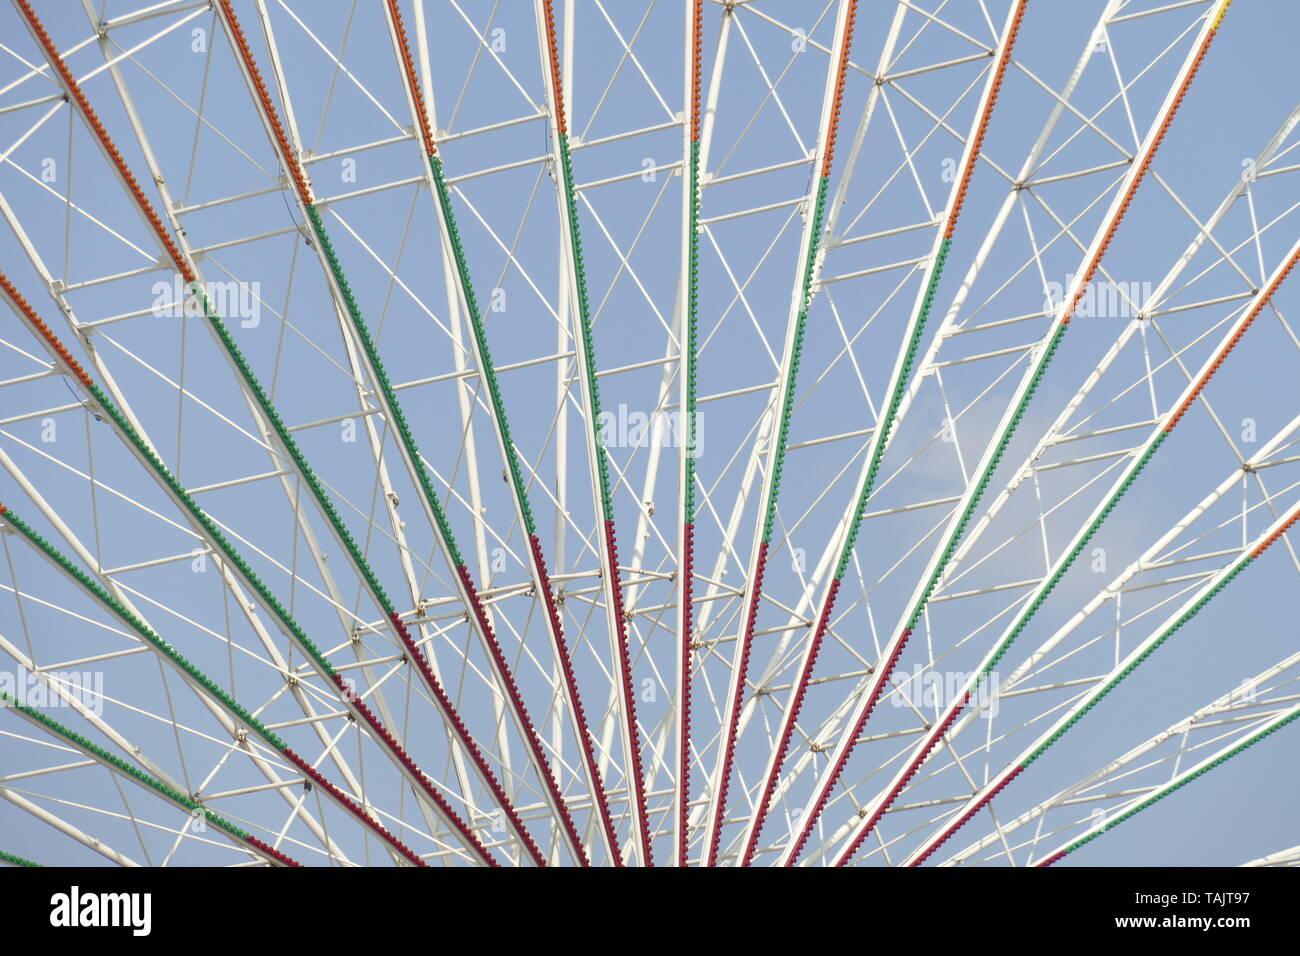 Ferris Wheel, Steel Scaffolding, Blue Sky, Bremen, Europe - Stock Image